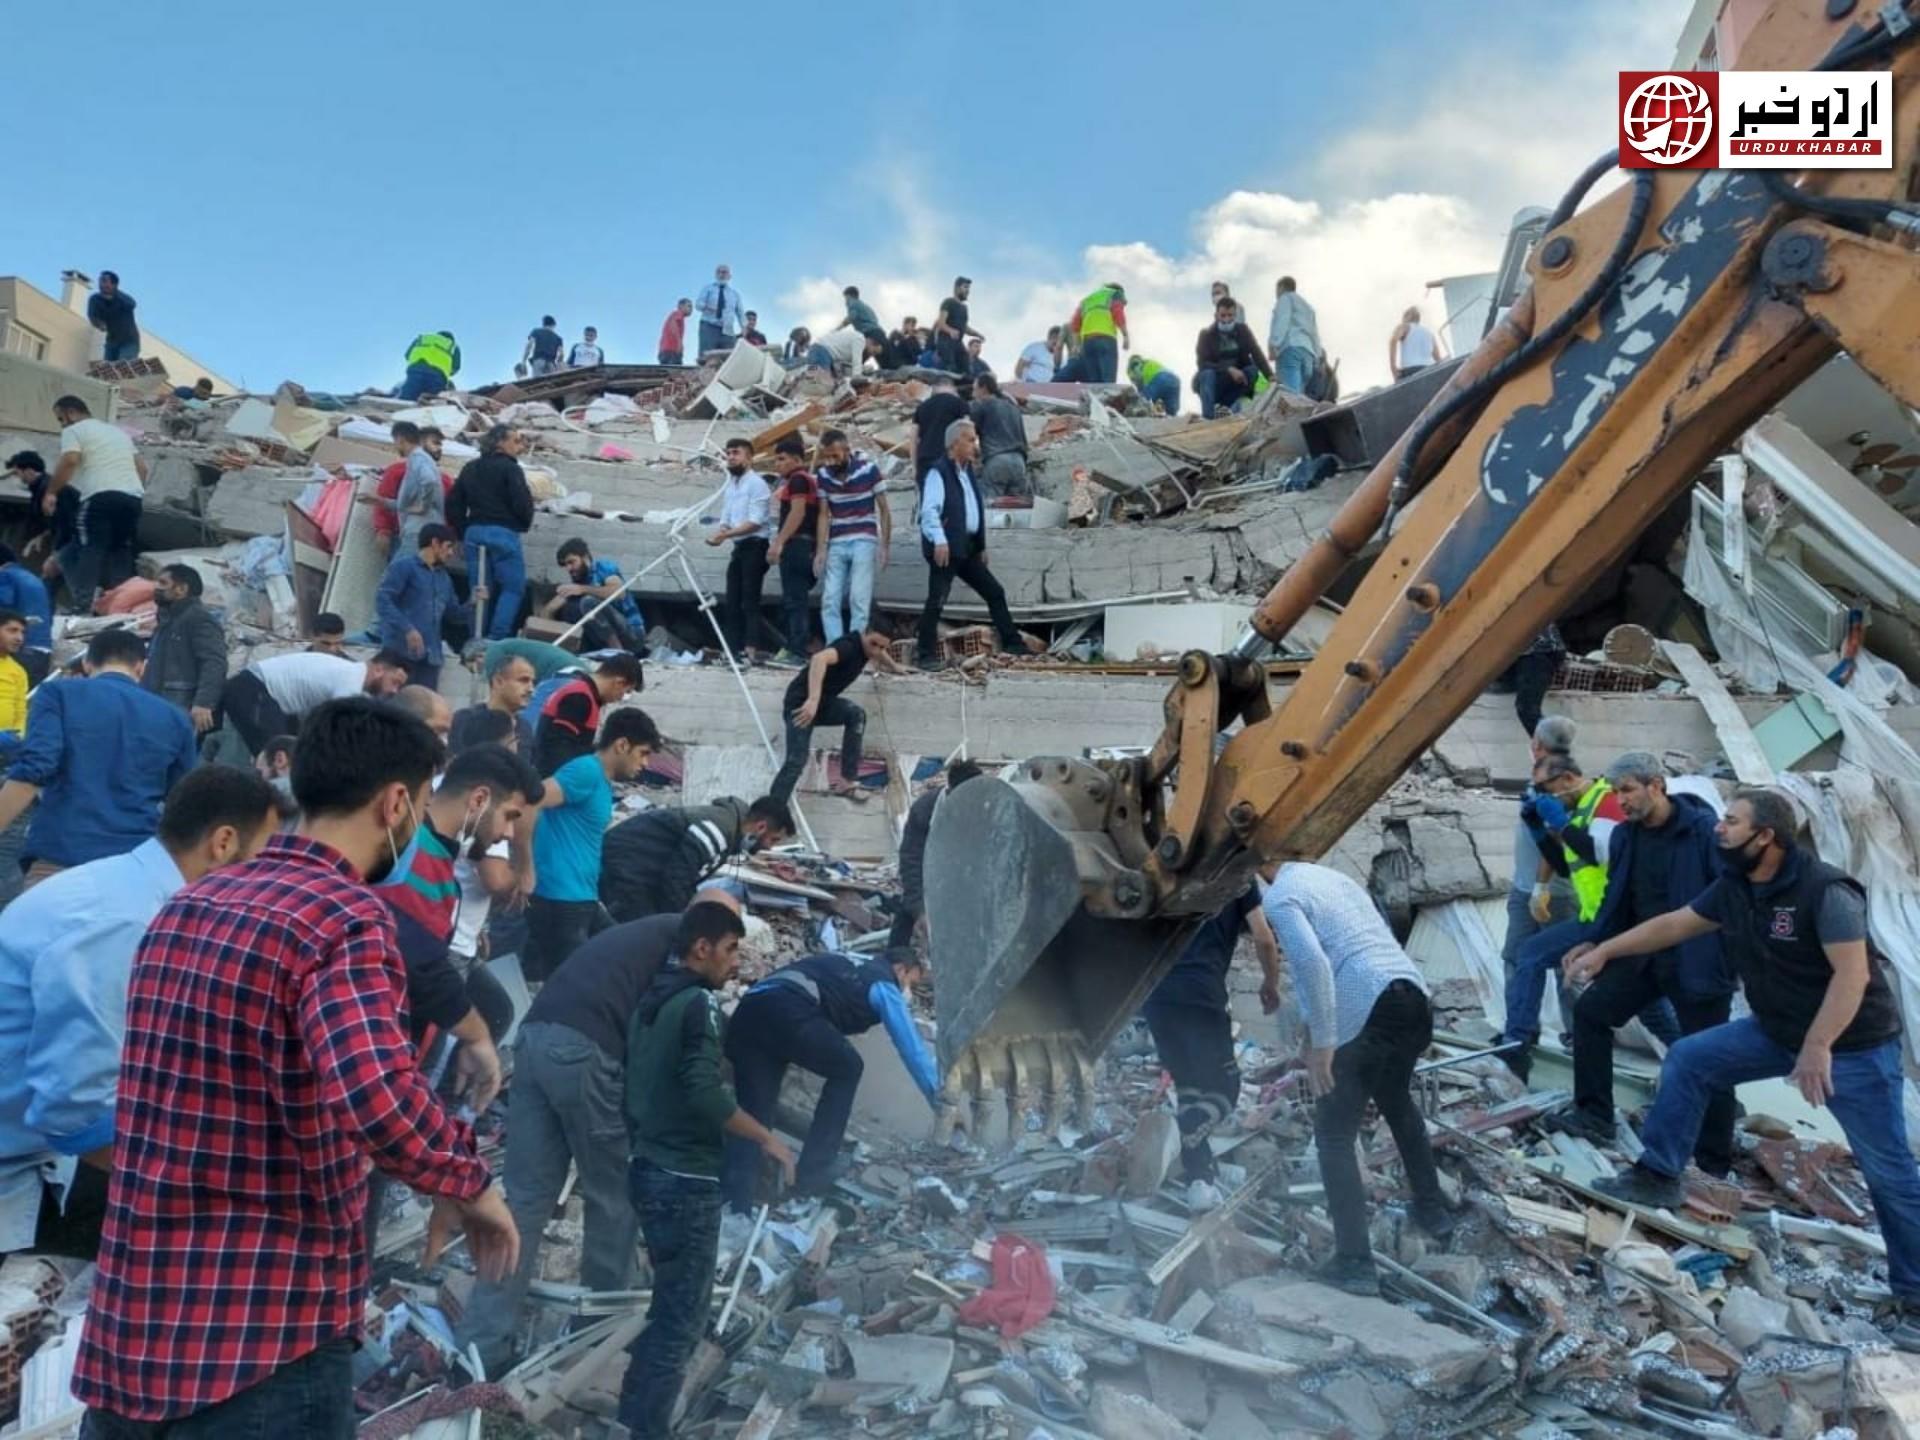 ترکی زلزلے سے اموات کی تعداد 24 ہو گئی، 800 سے زائد زخمی